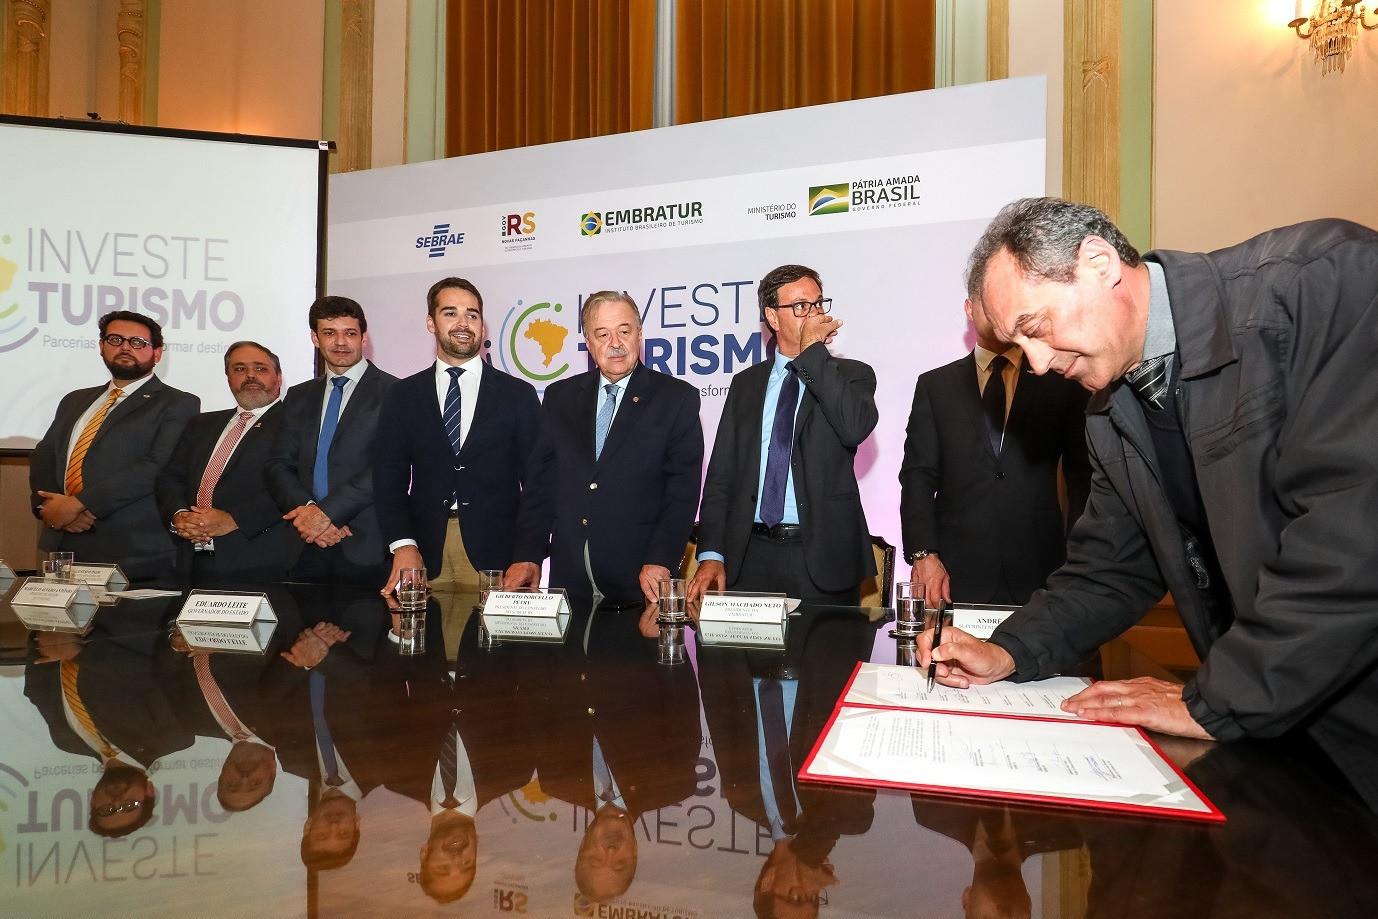 Foto Garibaldi participa do lançamento do programa Investe Turismo